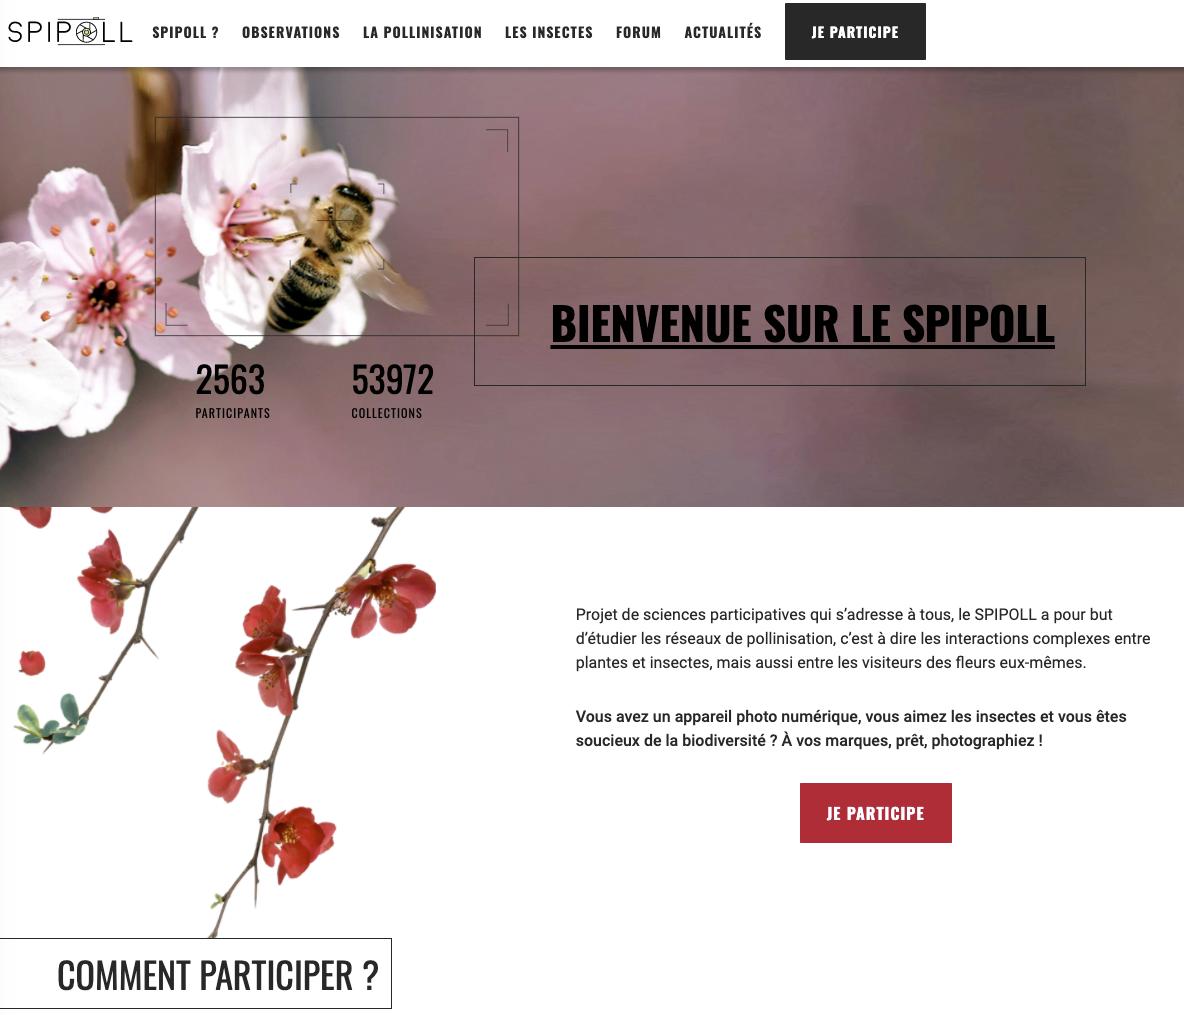 Image : copie d'écran de la page d'accueil du Spipoll - photo : Janmar